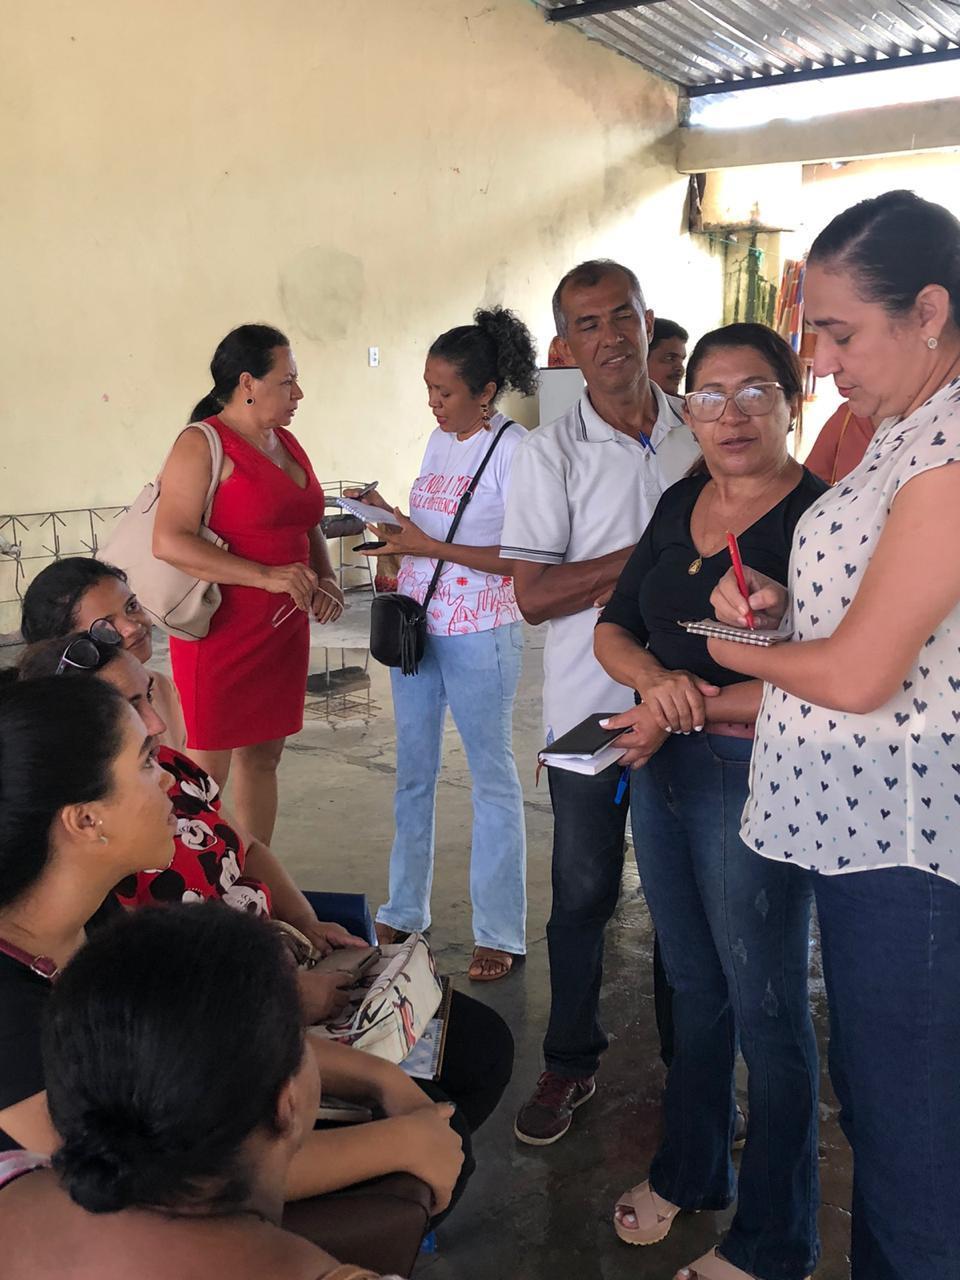 Vereadora faz alerta após visita a abrigo de venezuelanos em Teresina